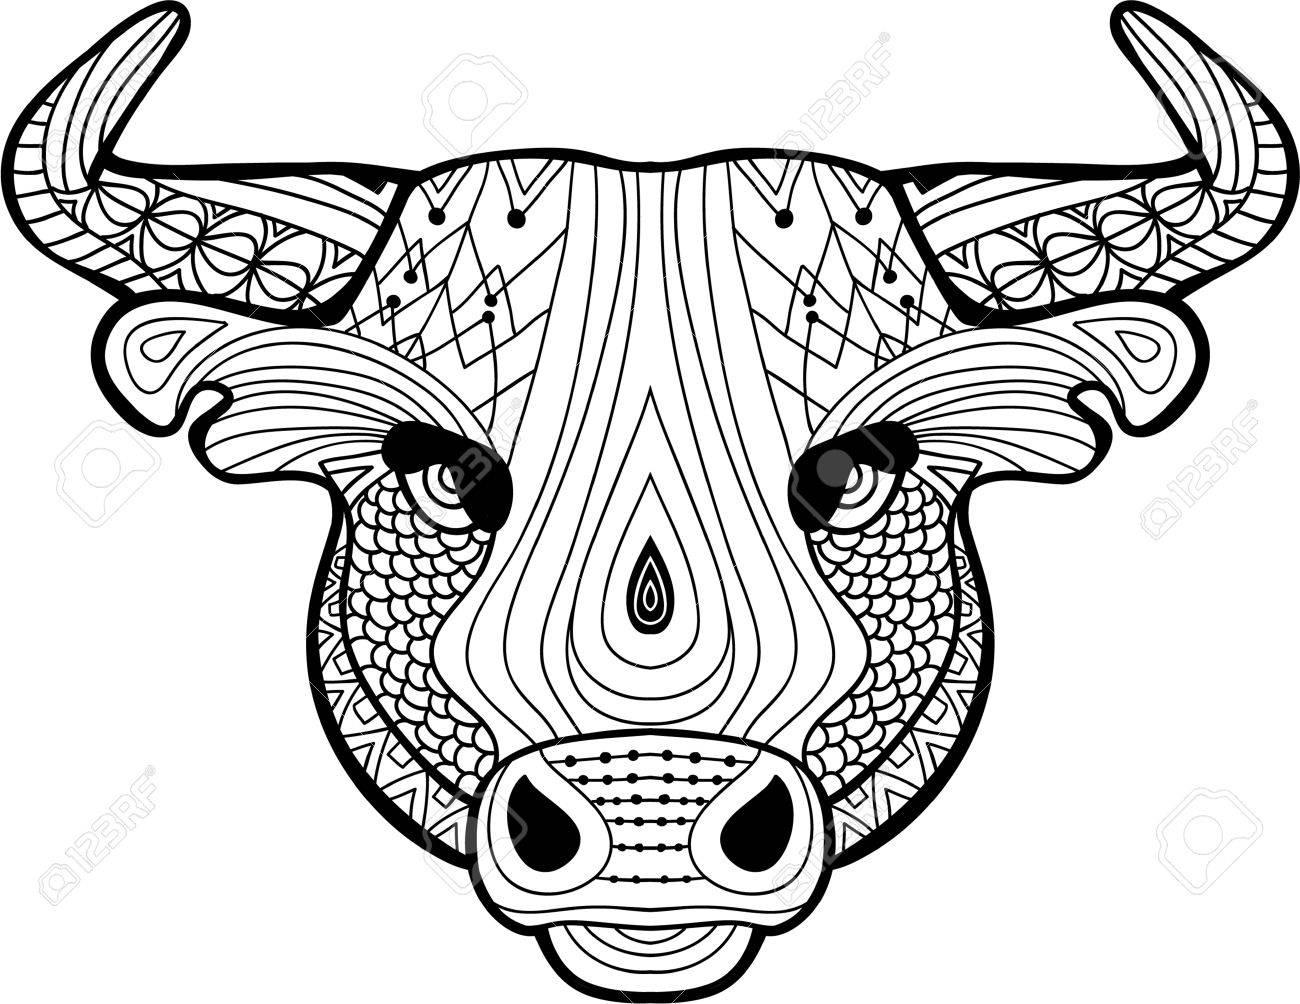 La Cabeza De Un Búfalo Con Patrones Tribales. Monocromo Ilustración ...